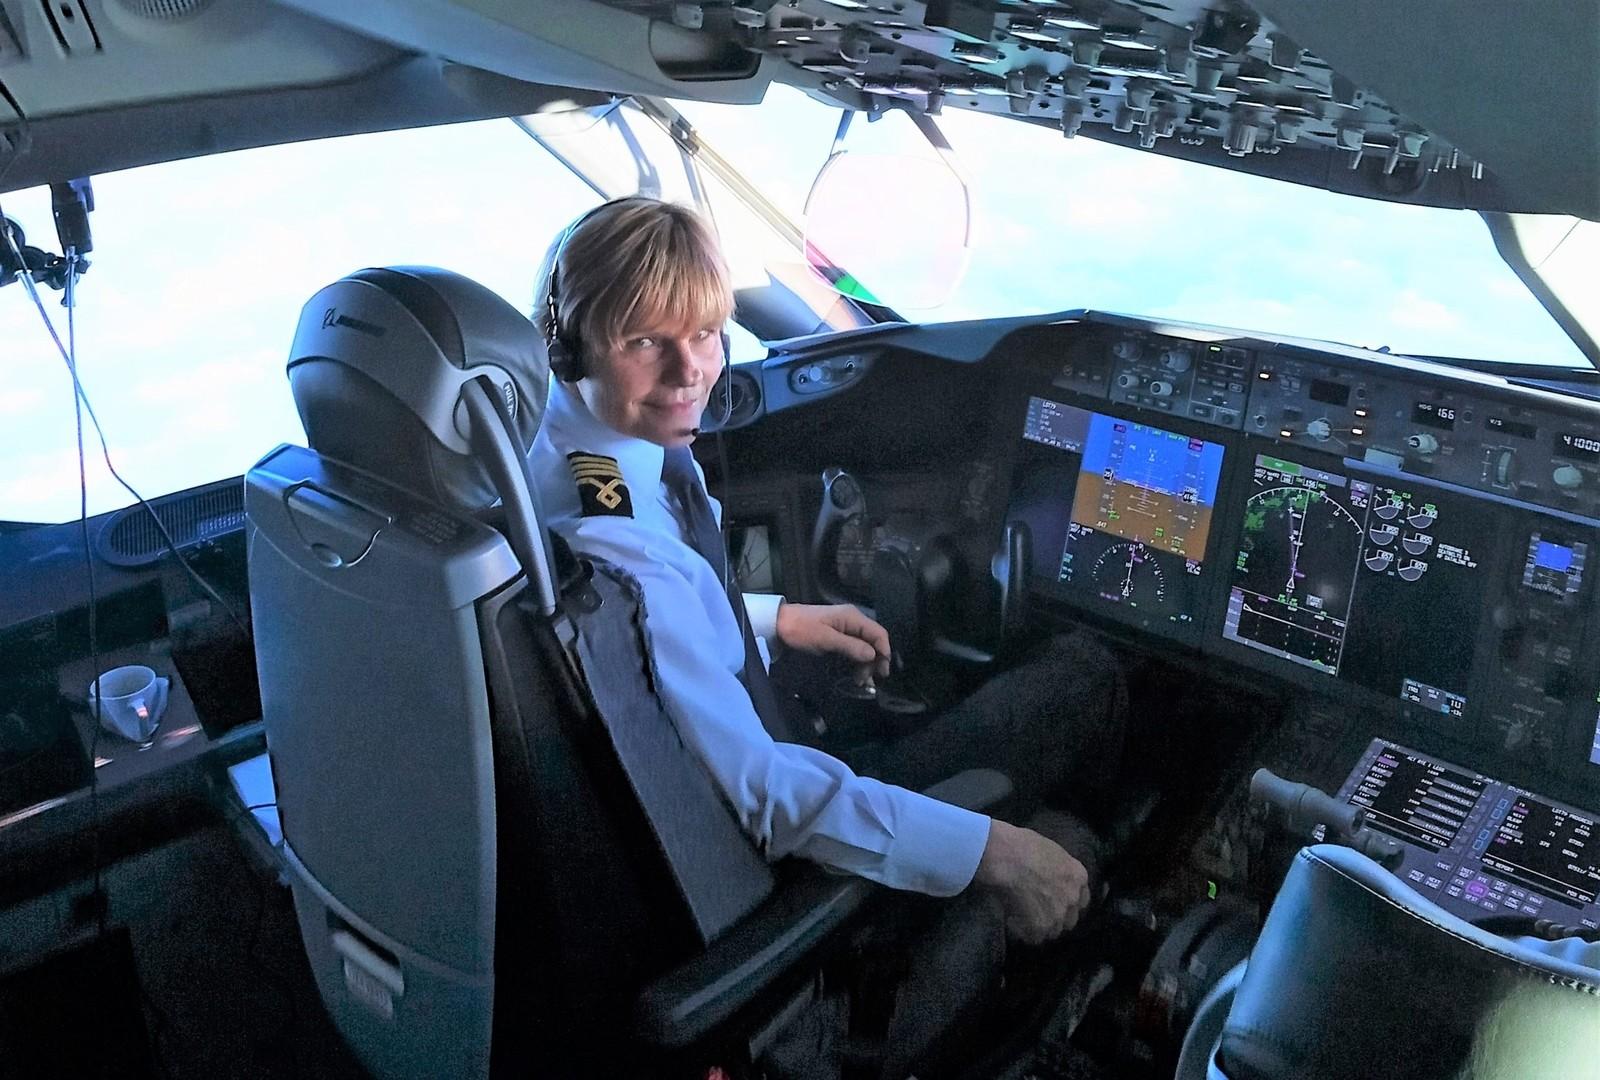 Ogromny zaszczyt dla absolwentki Politechniki Rzeszowskiej. Pierwsza kobieta za sterami Dreamlinera [FOTO] - Zdjęcie główne